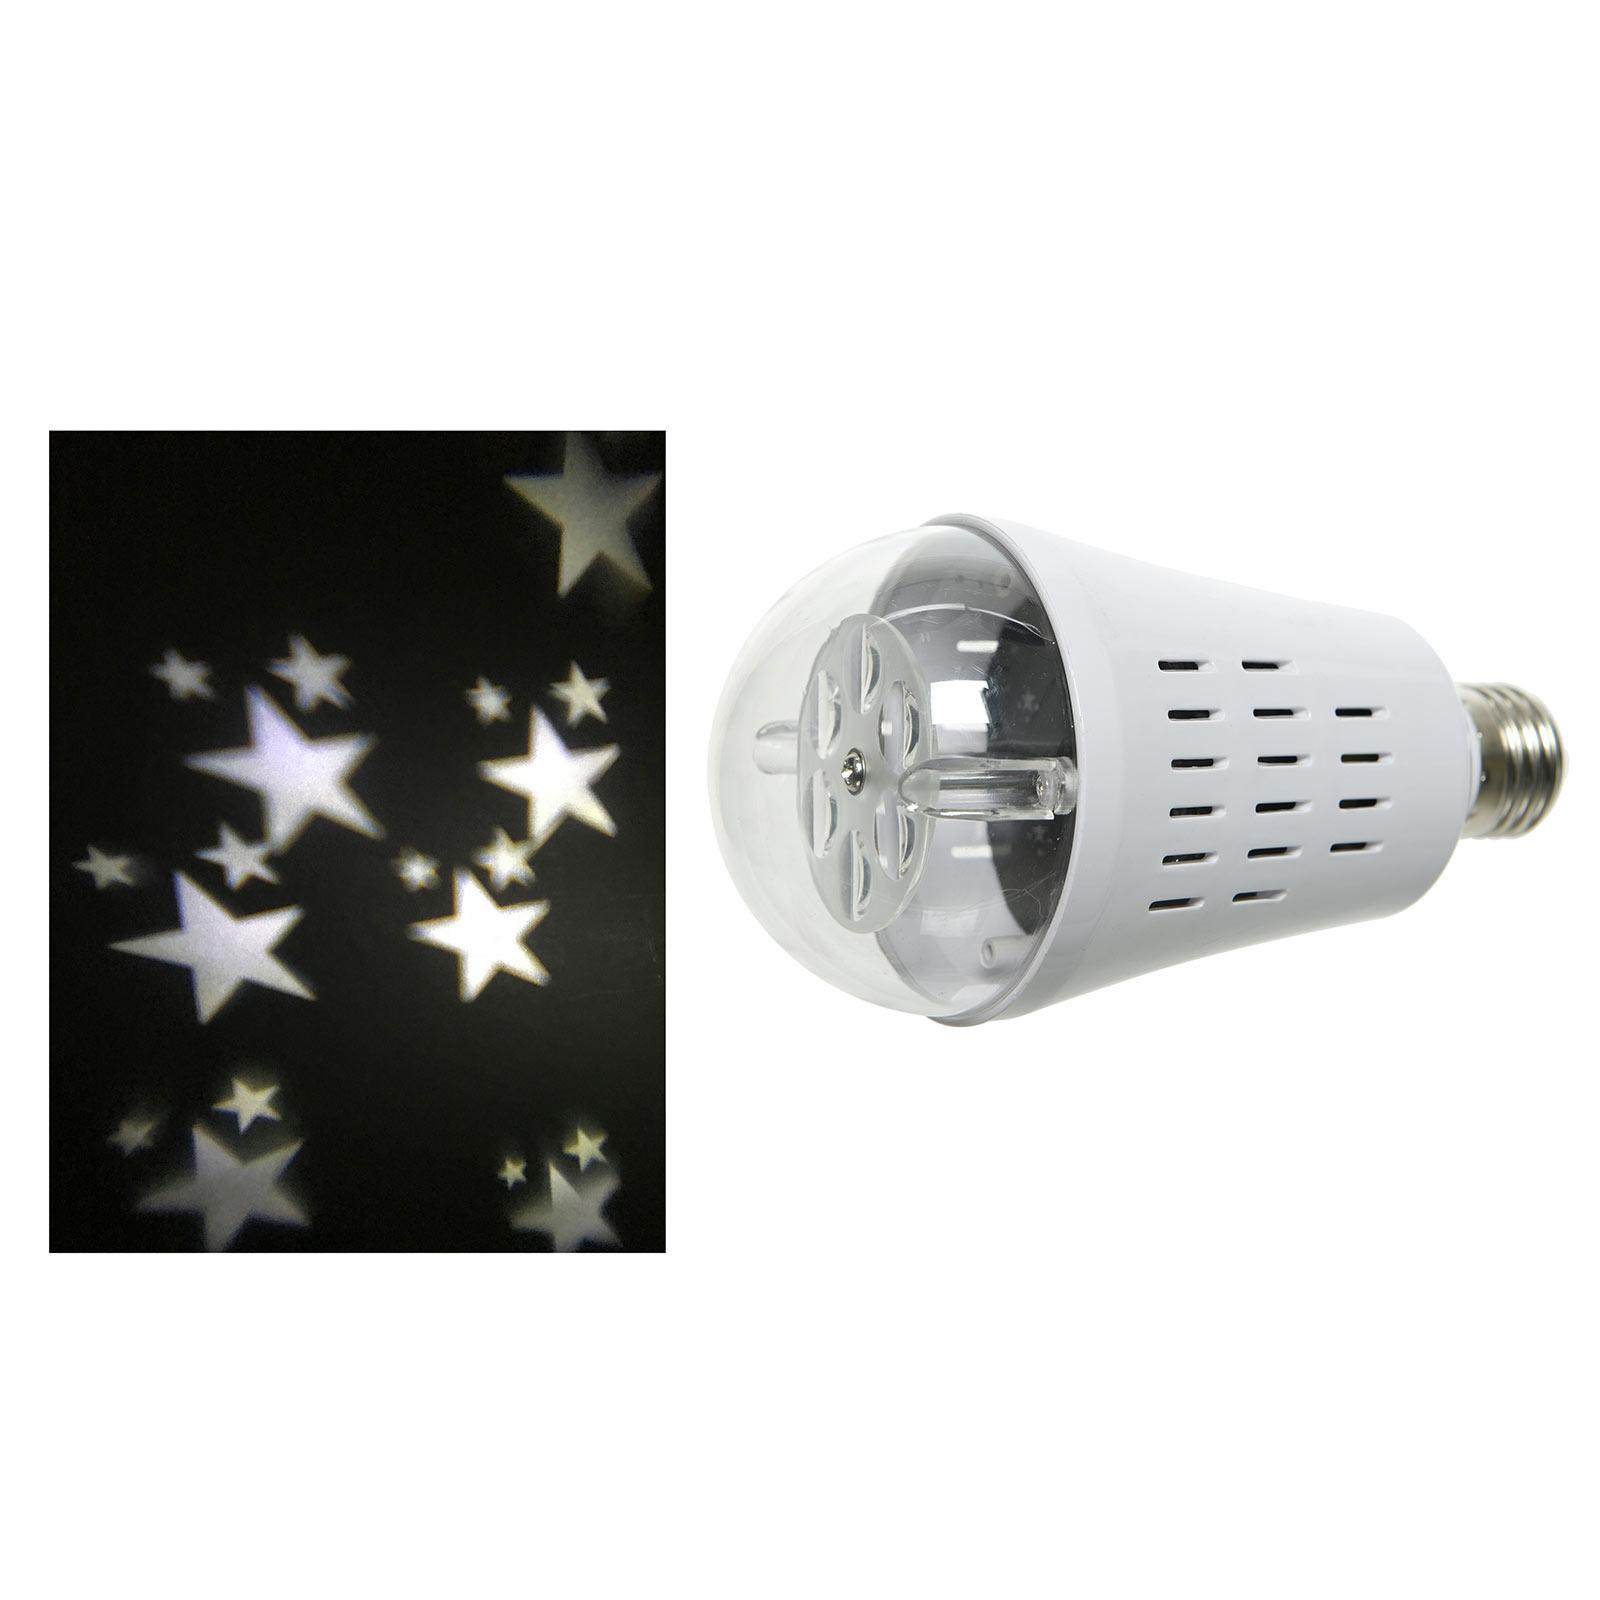 LED E27 - lampada che proietta stelle